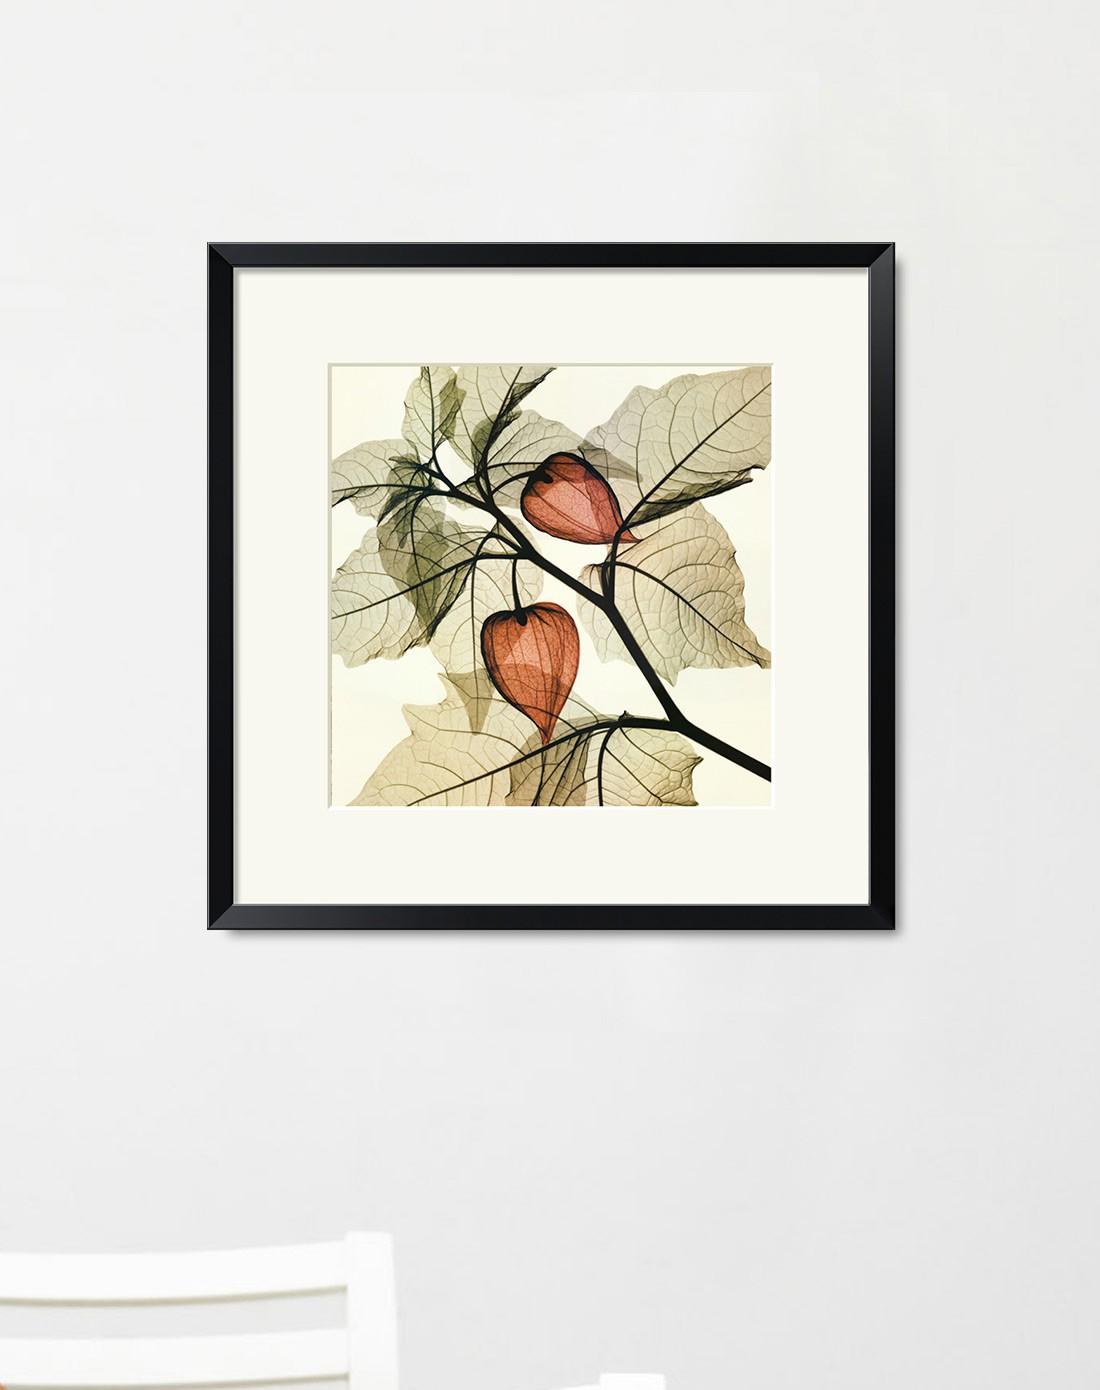 64*64cm黑框灯笼现代简约客厅装饰画